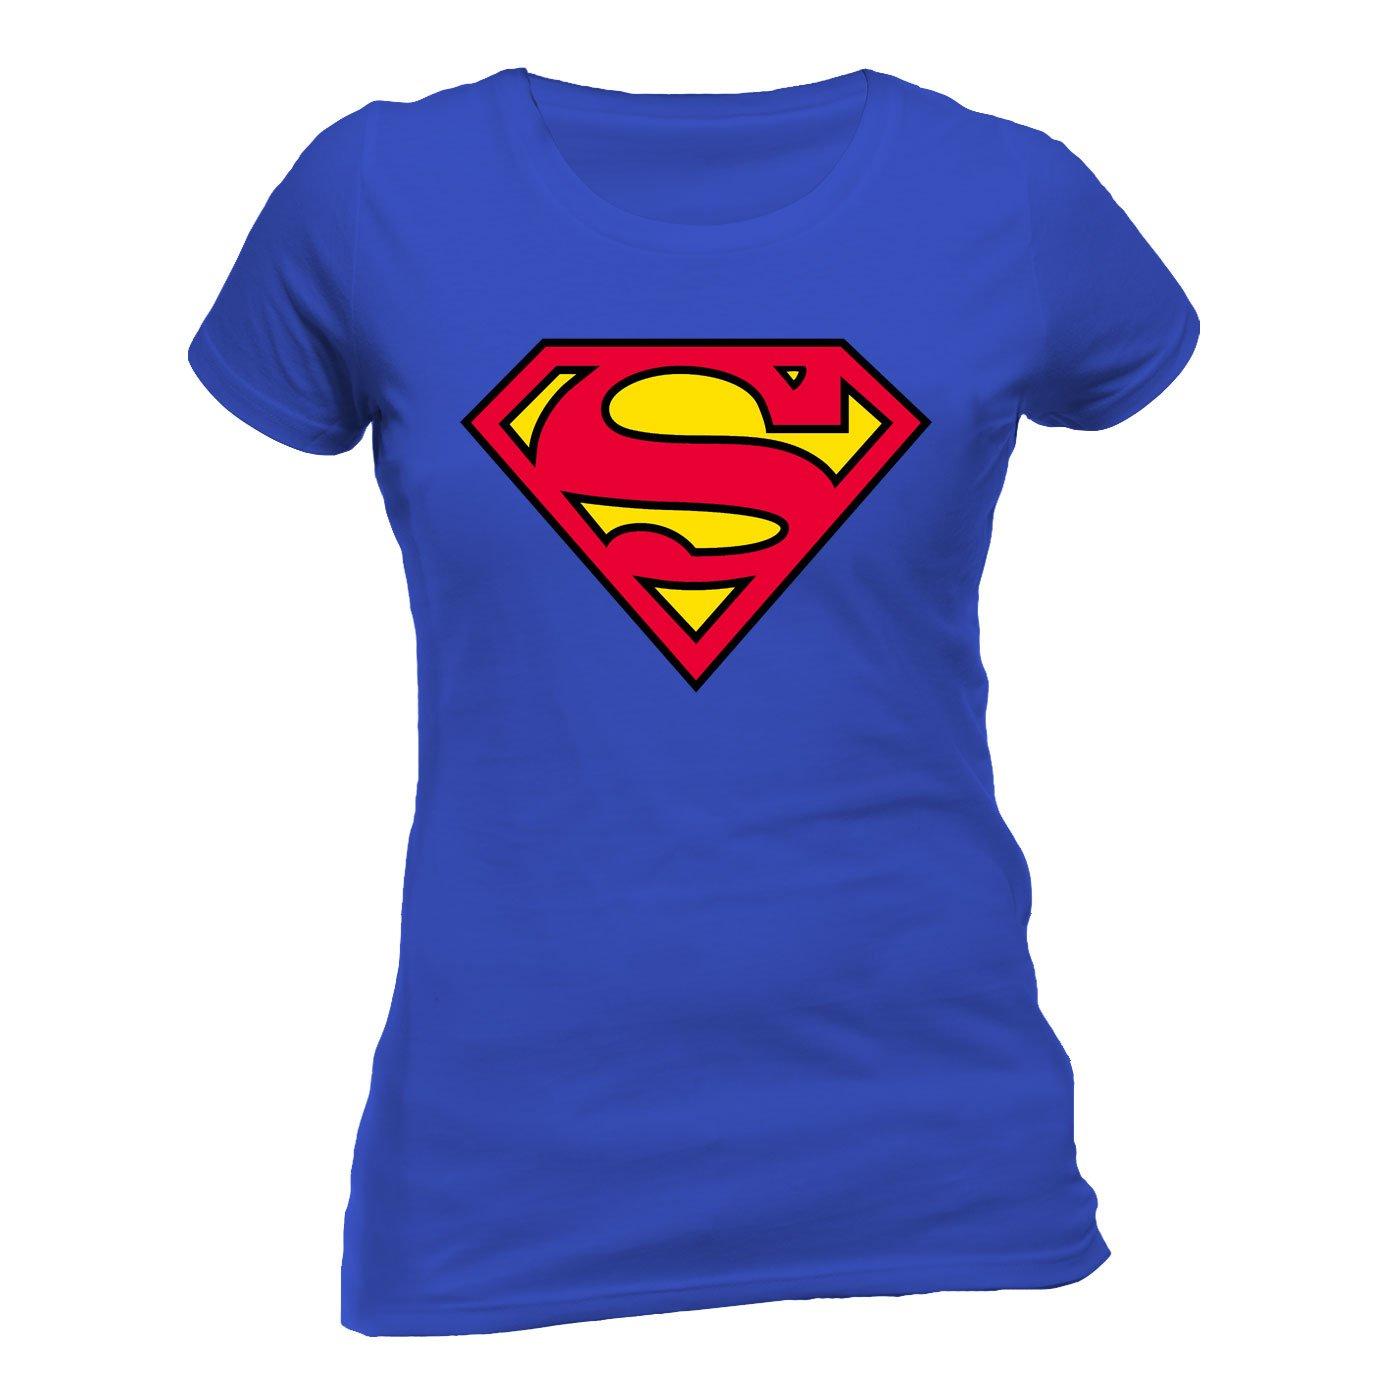 DC Comics Women's Superman Logo T-Shirt Absolute Cult